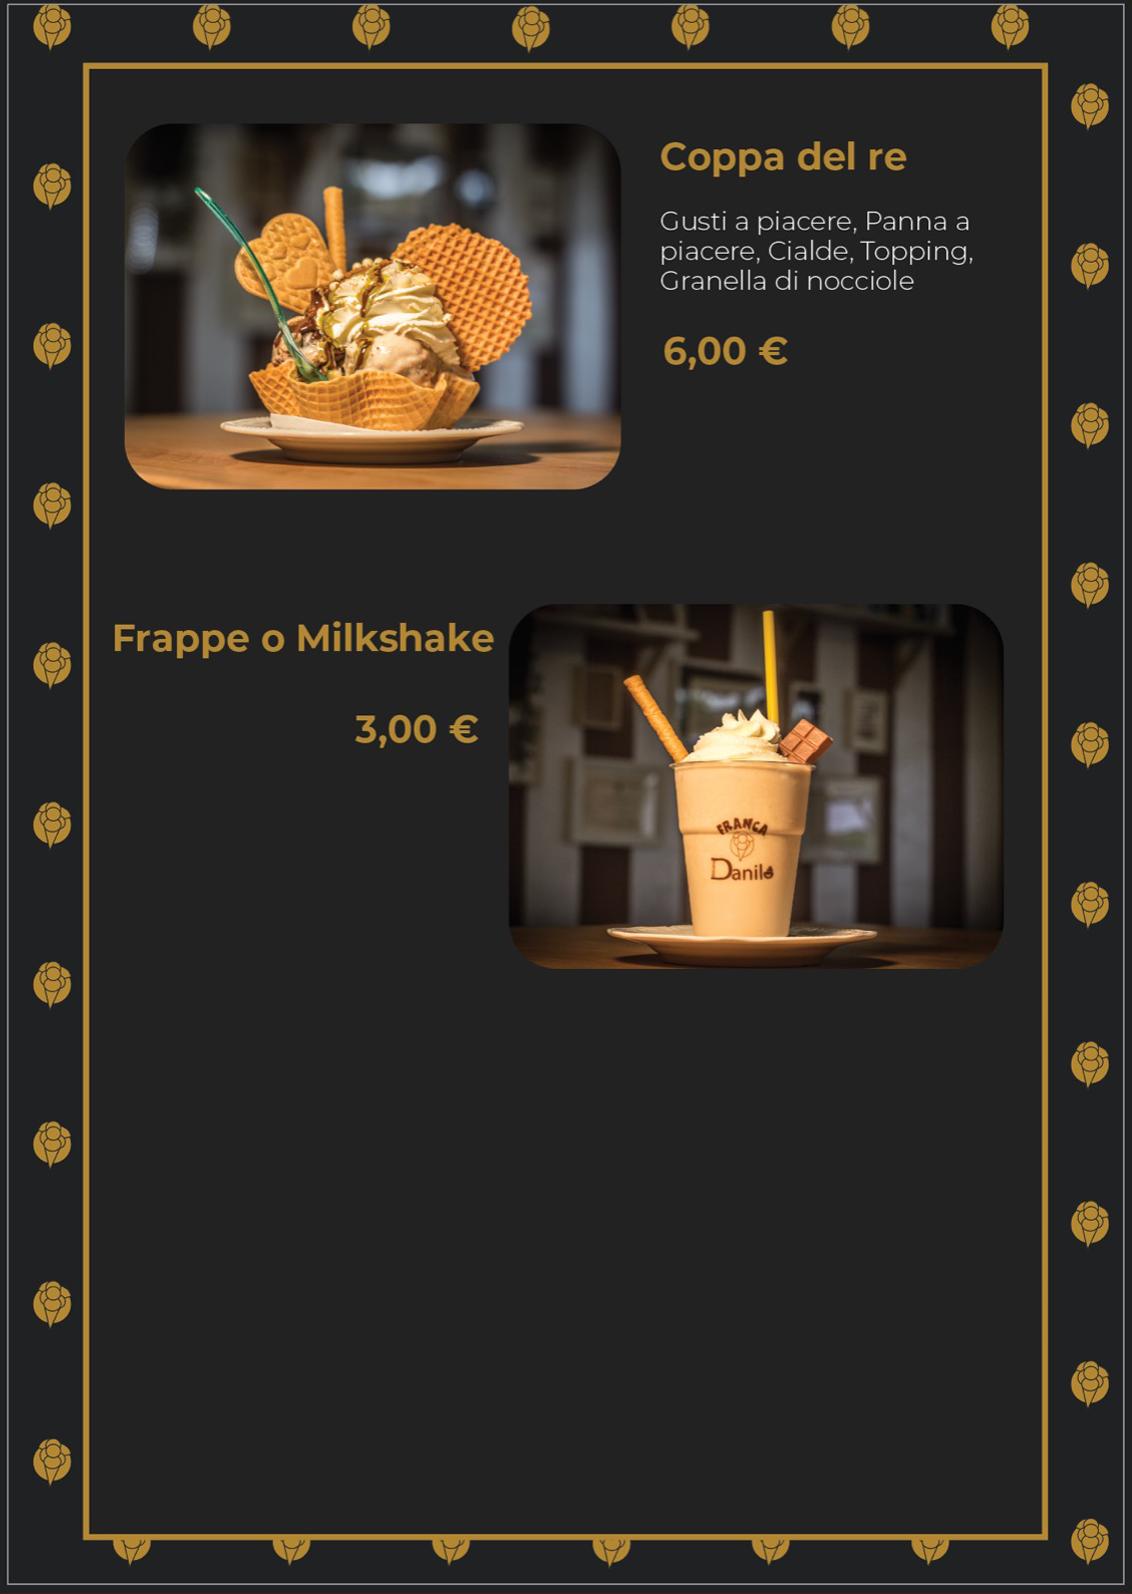 coppa-del-re-frappe-o-milkshake